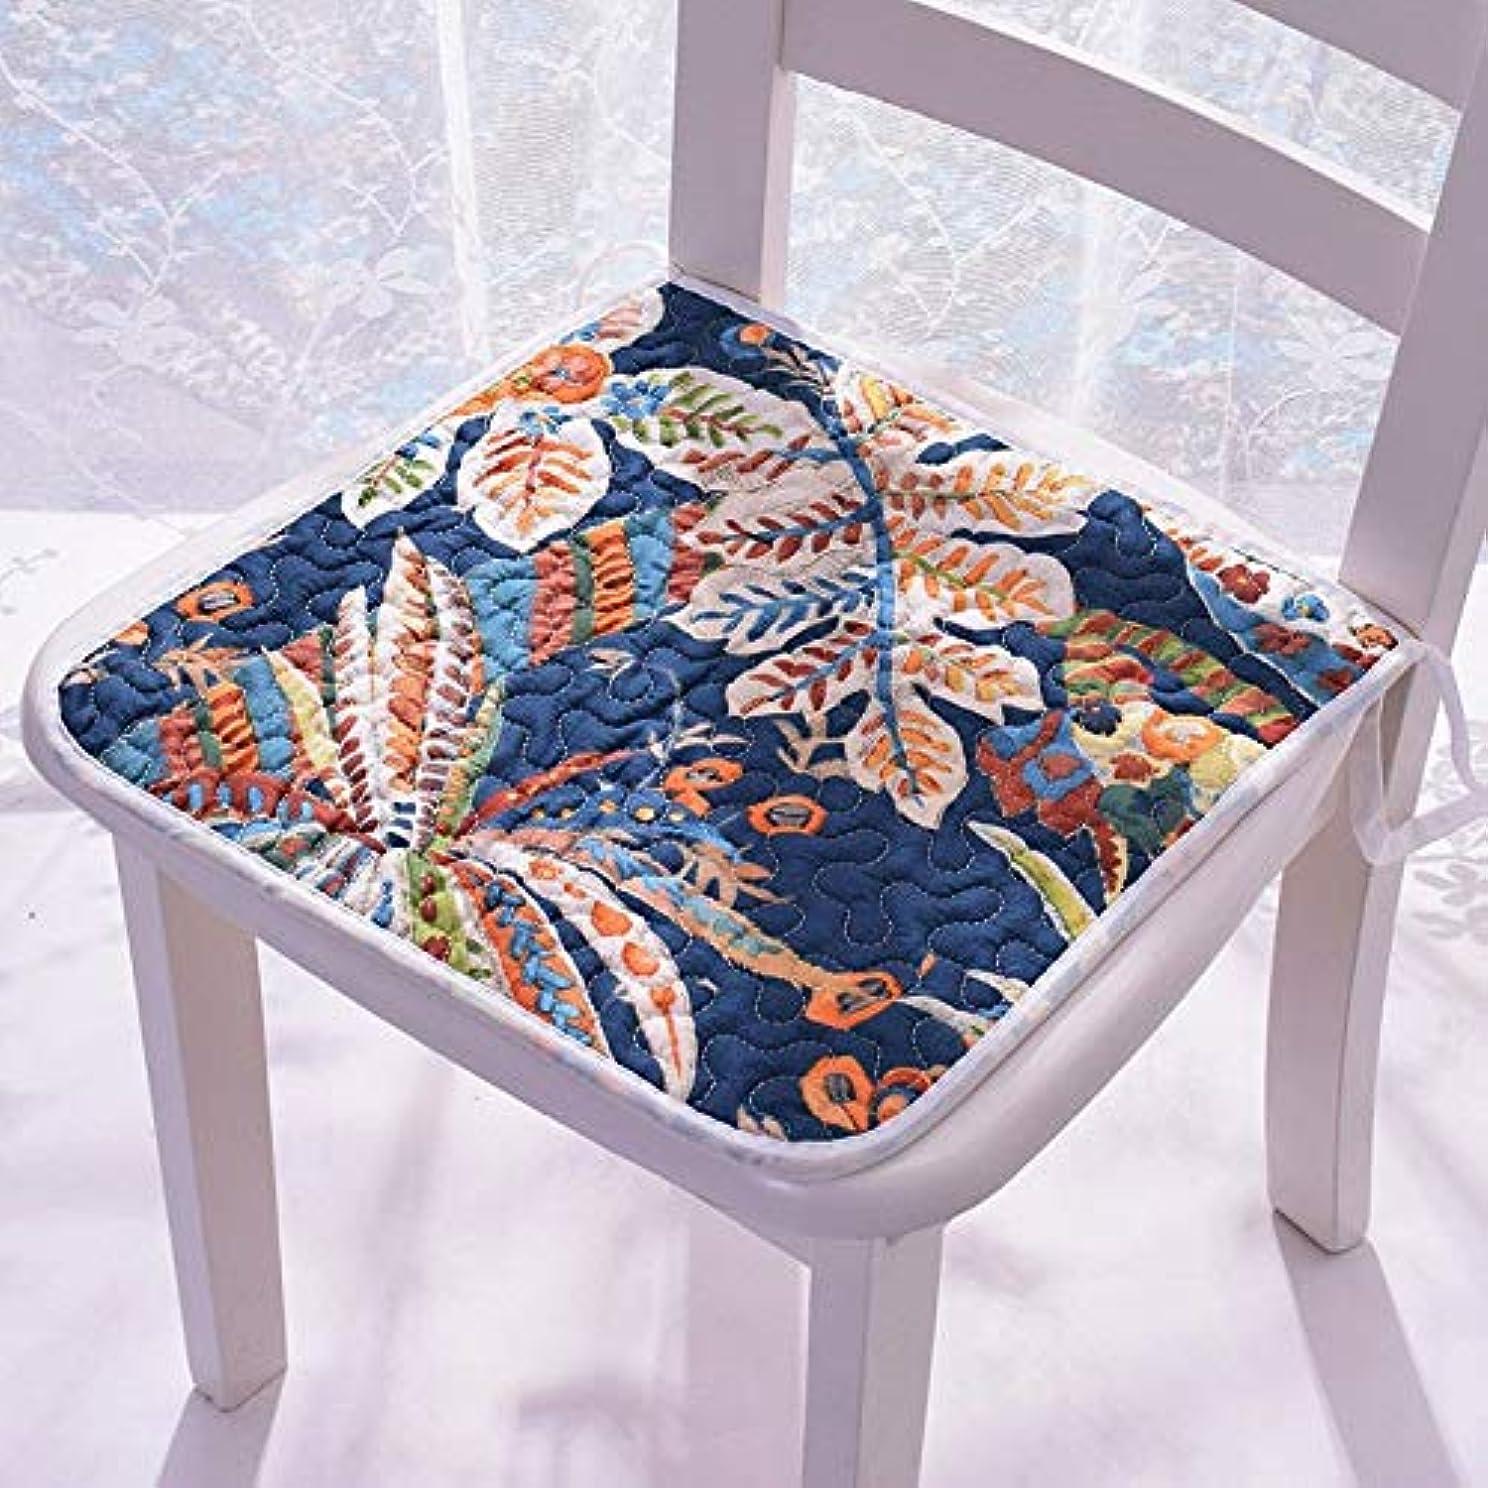 旧正月メンダシティ乱れLIFE 現代スーパーソフト椅子クッション非スリップシートクッションマットソファホームデコレーションバッククッションチェアパッド 40*40/45*45/50*50 センチメートル クッション 椅子